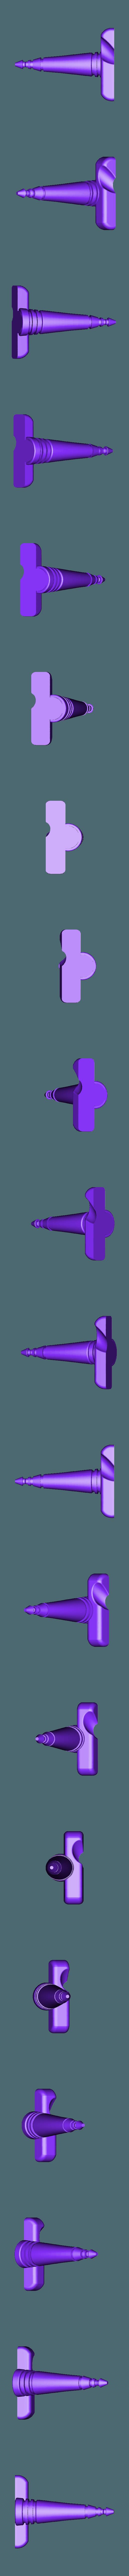 scalosian_part_1_v3.stl Télécharger fichier STL gratuit Arme scalosienne TOS • Objet à imprimer en 3D, poblocki1982